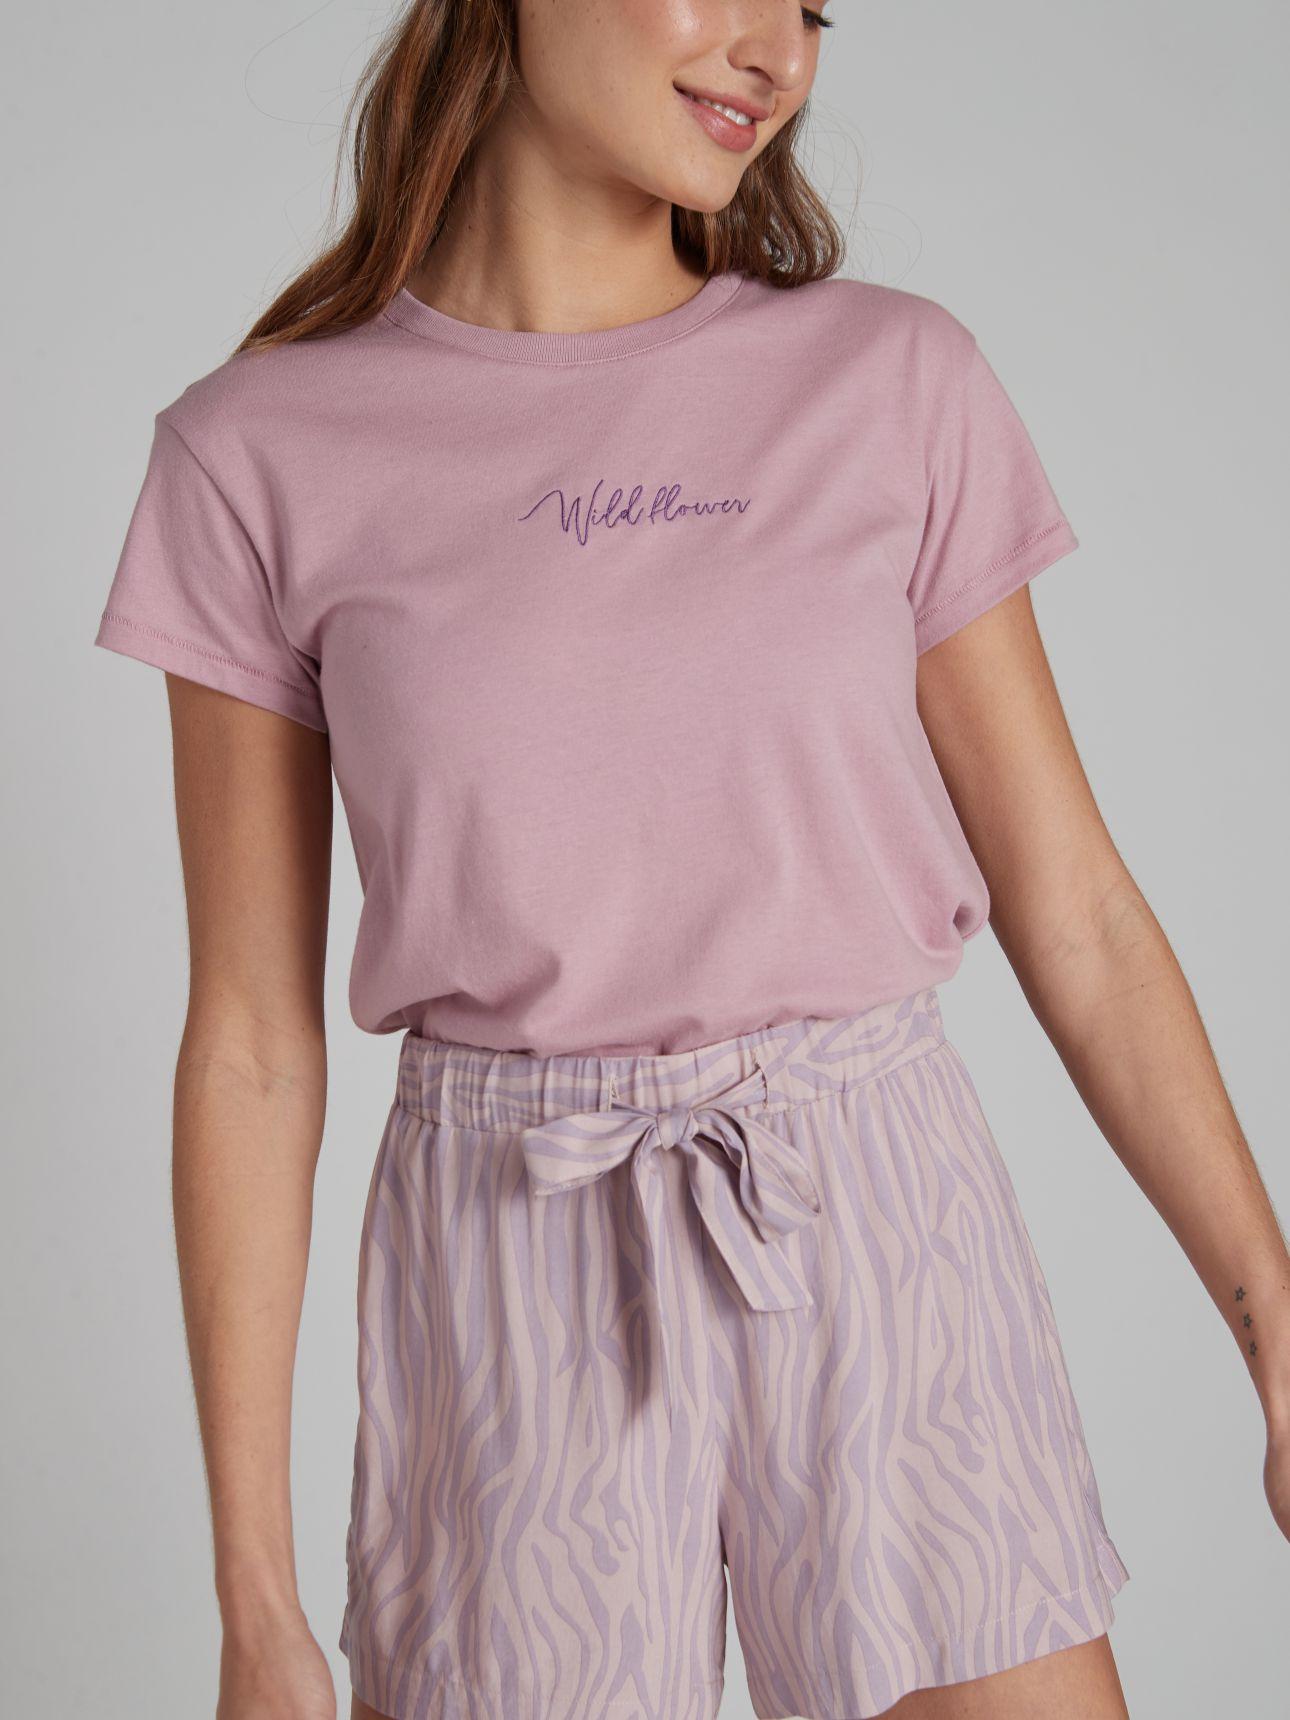 חולצת טי שירט עם רקמה בצבע סגול בהיר